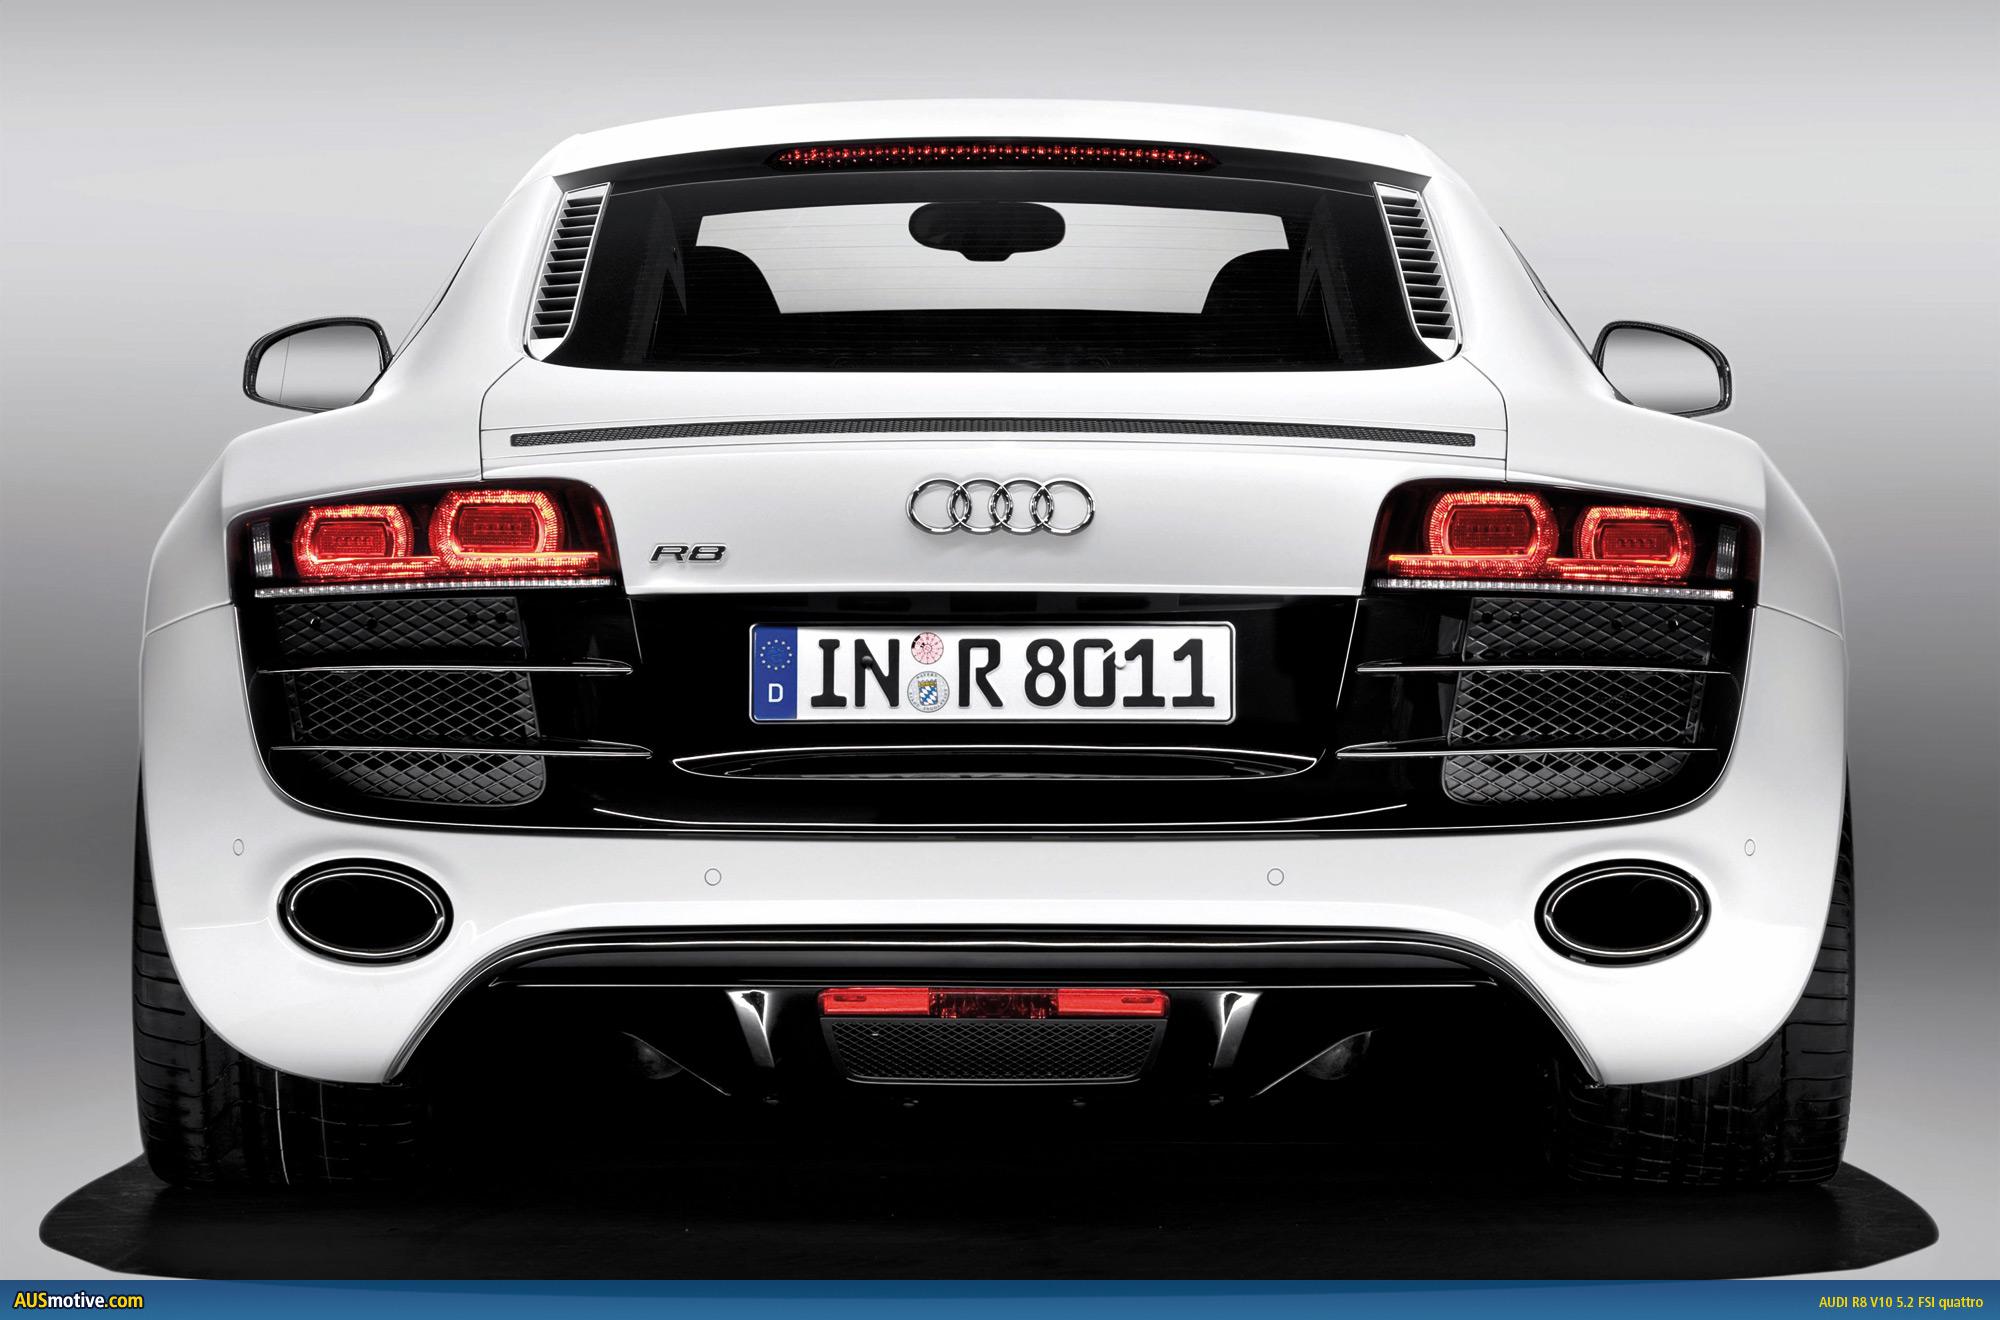 Audi R8 V10 unwrapped in Detroit